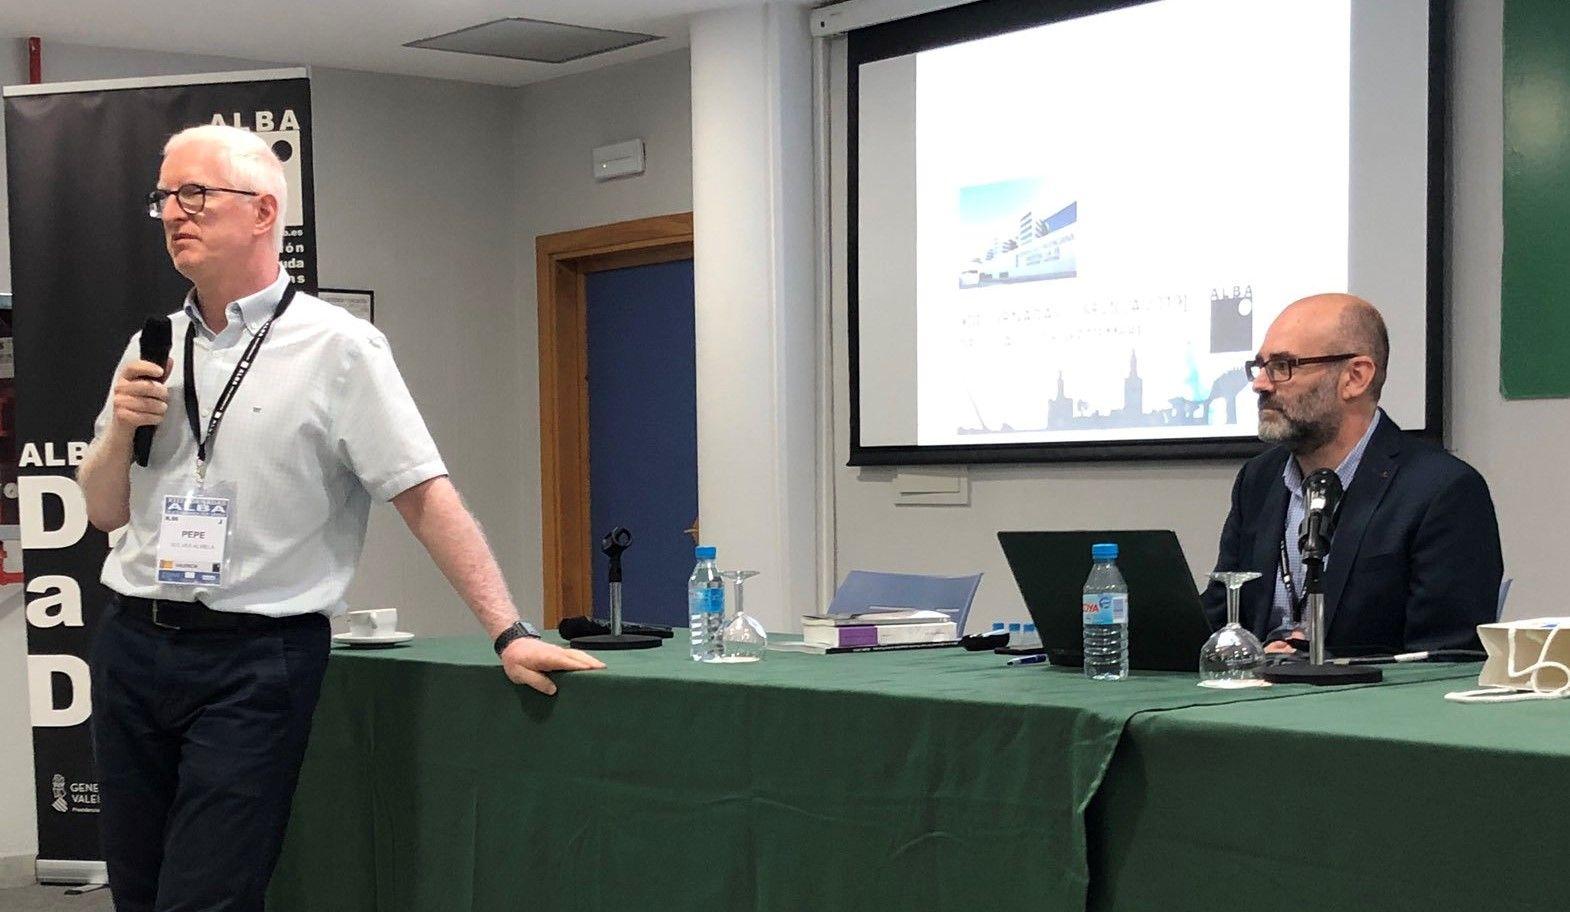 Presentacion del Dr.Honorio Barranco